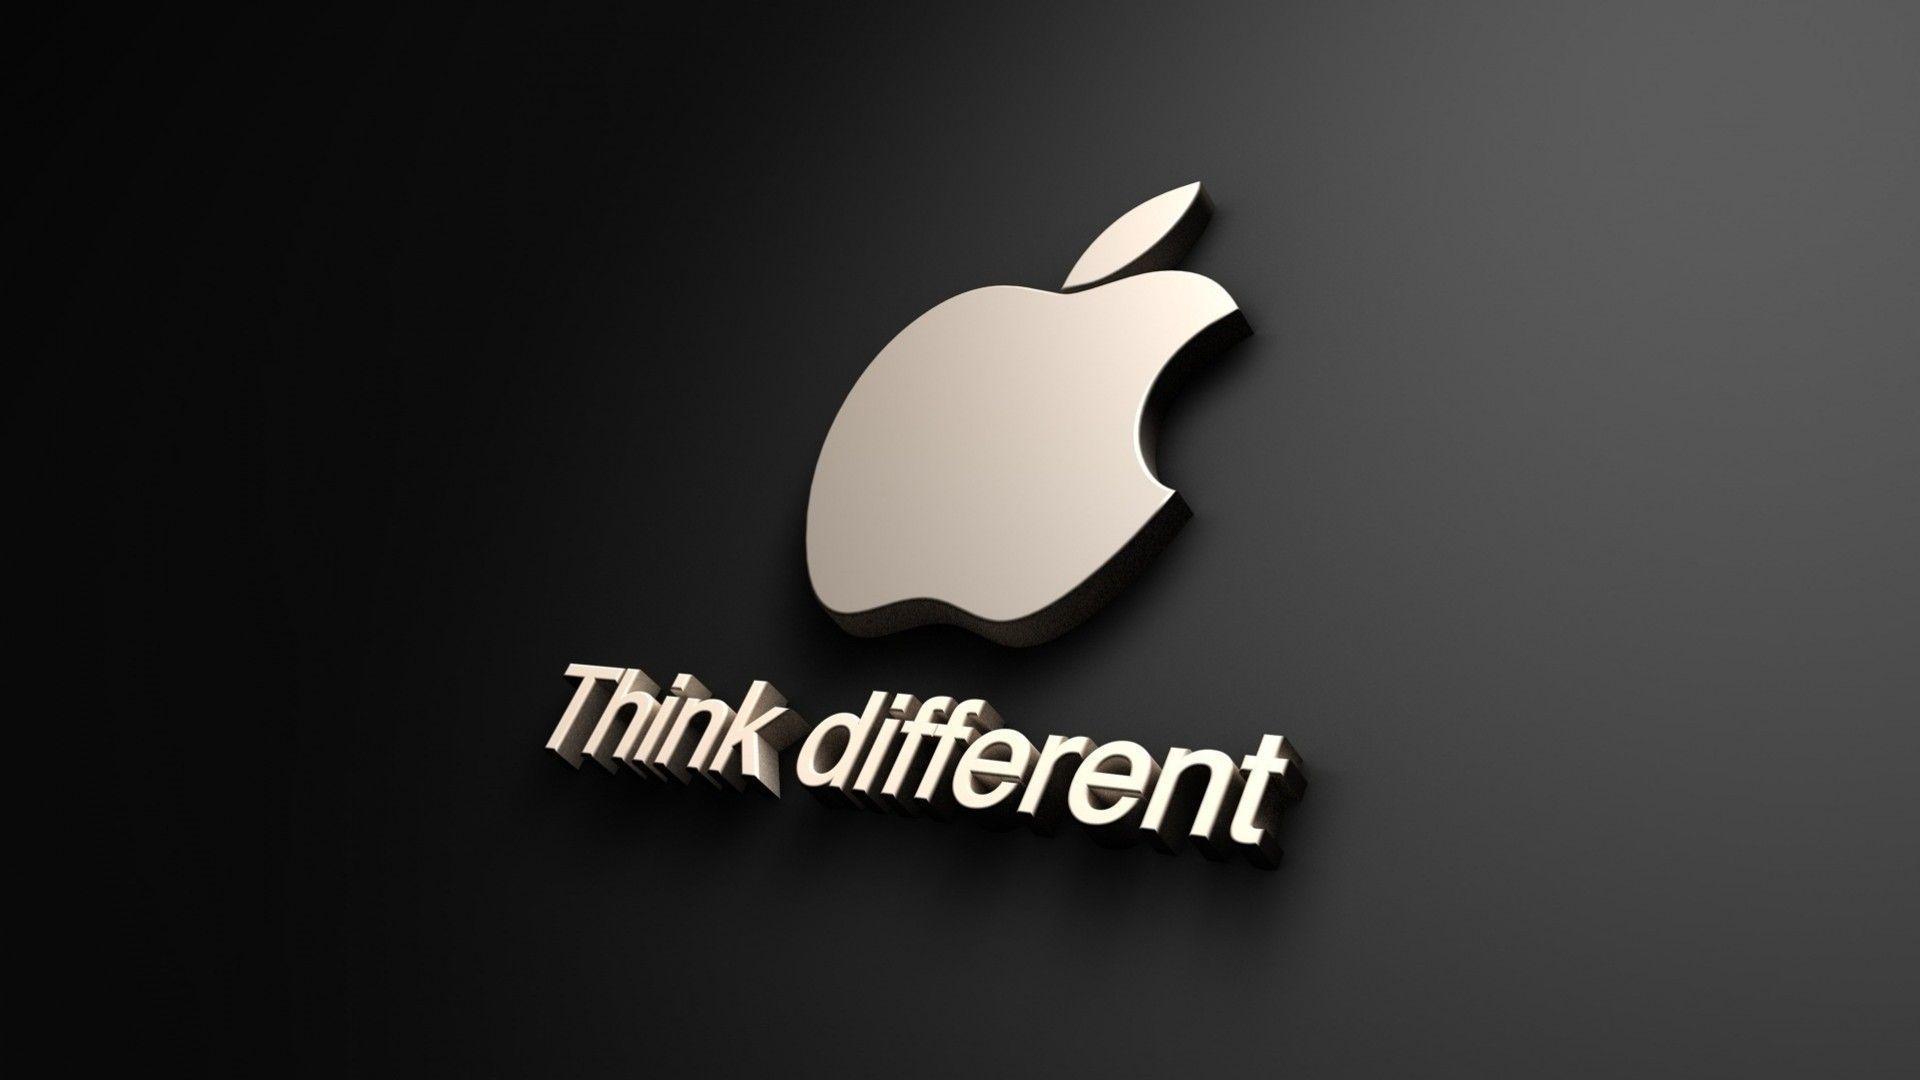 Hd wallpaper for laptop - Apple Laptops Hd Wallpapers Hd Wallpapers Inn